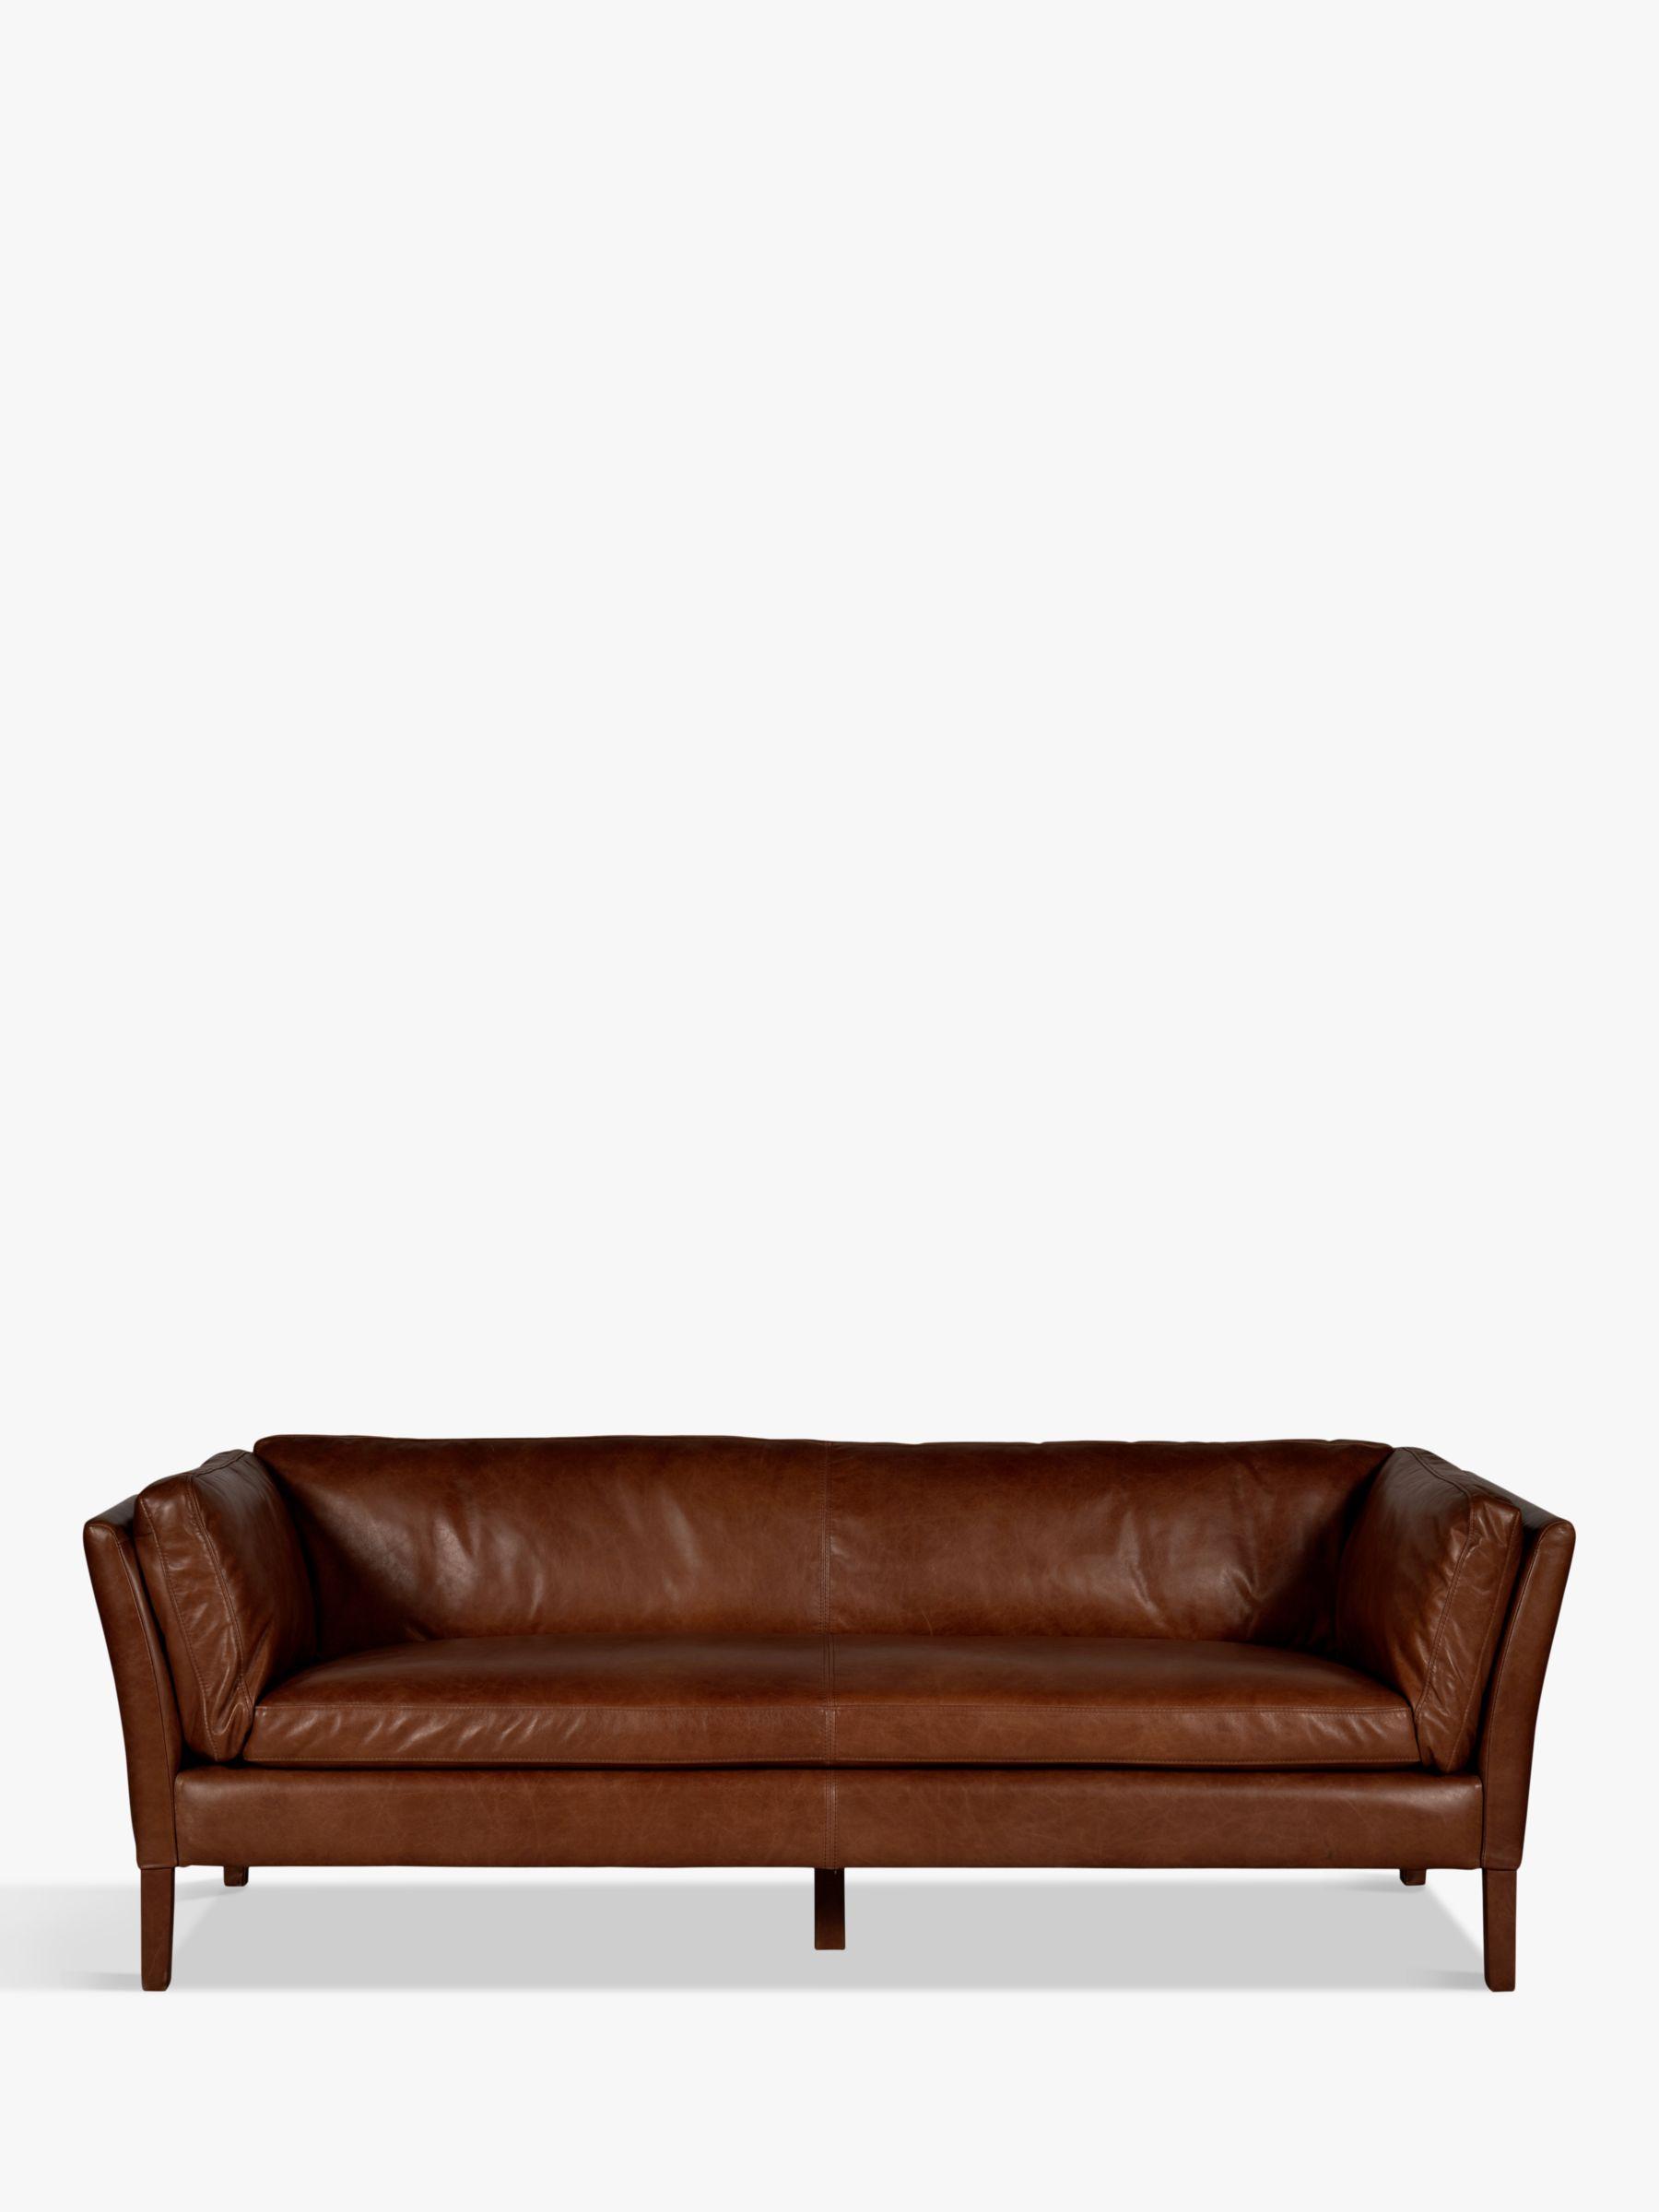 Halo Halo Groucho Large Aniline Leather Sofa